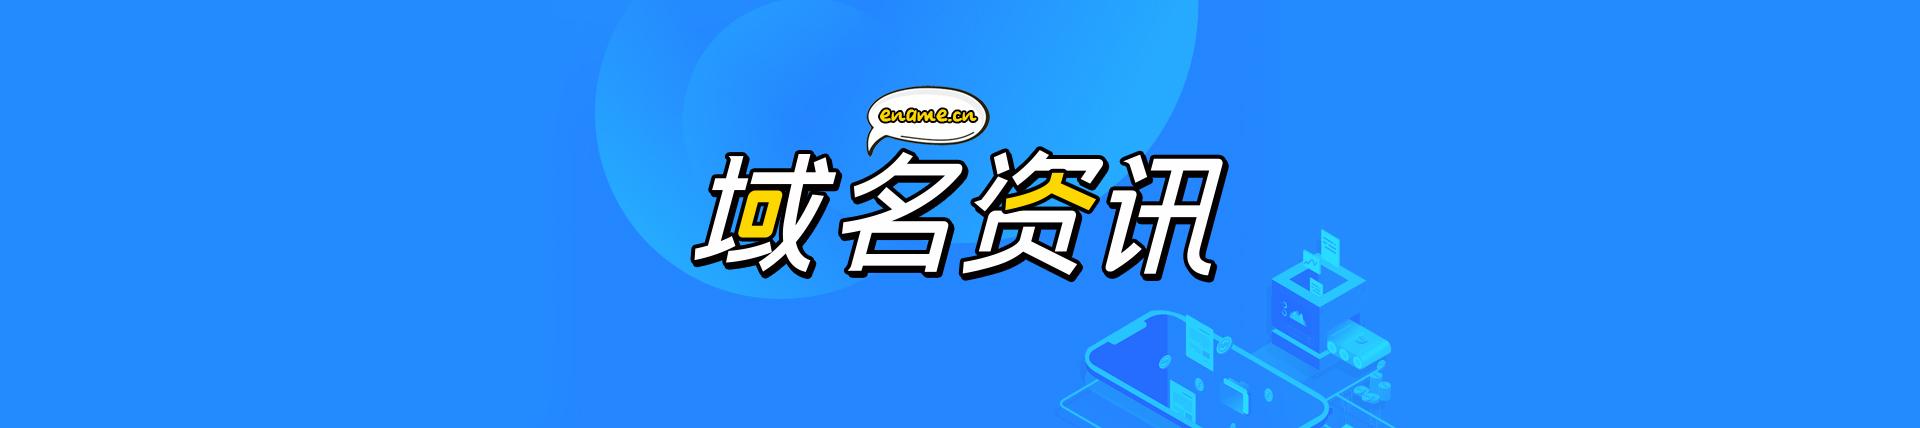 """360推出""""轻选""""对标小红书,周鸿祎拿下qingxuan.com?"""